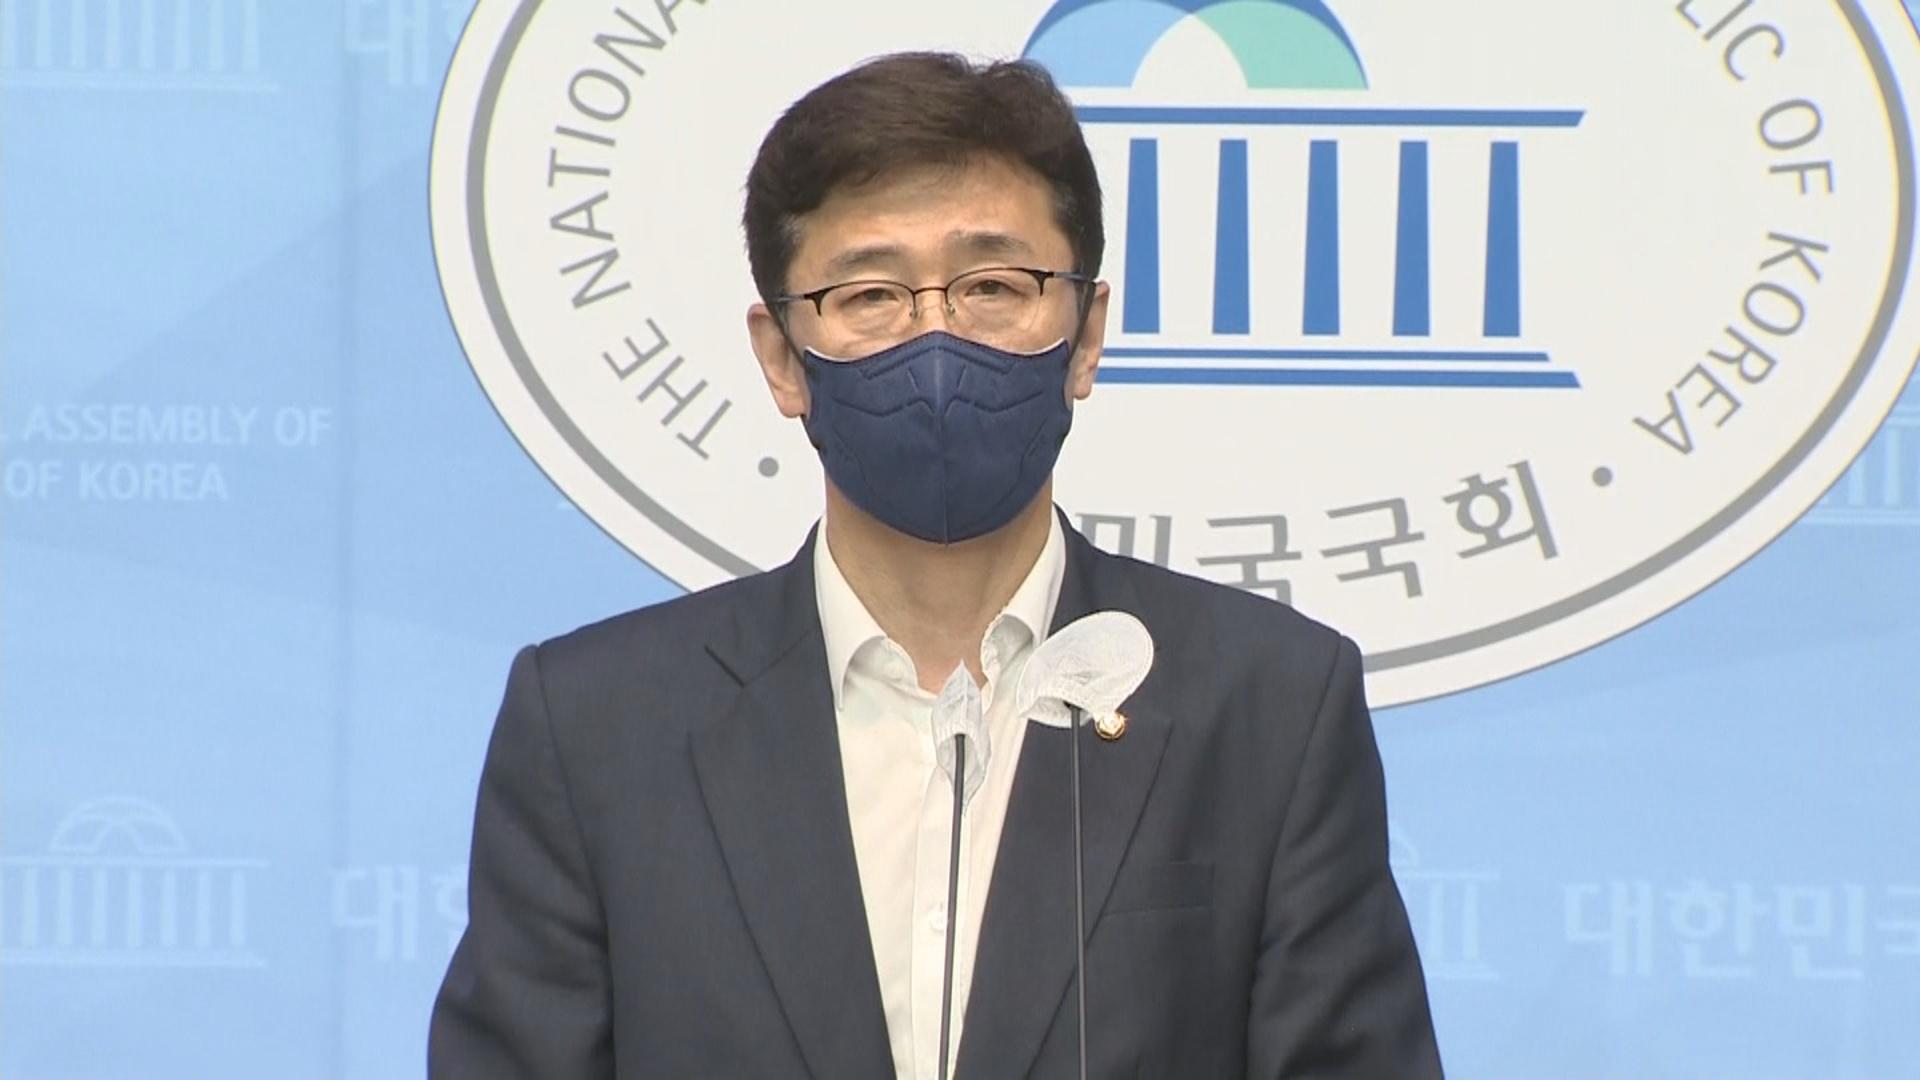 [현장연결] 문대통령·與 신임 지도부 간담회 결과 브리핑